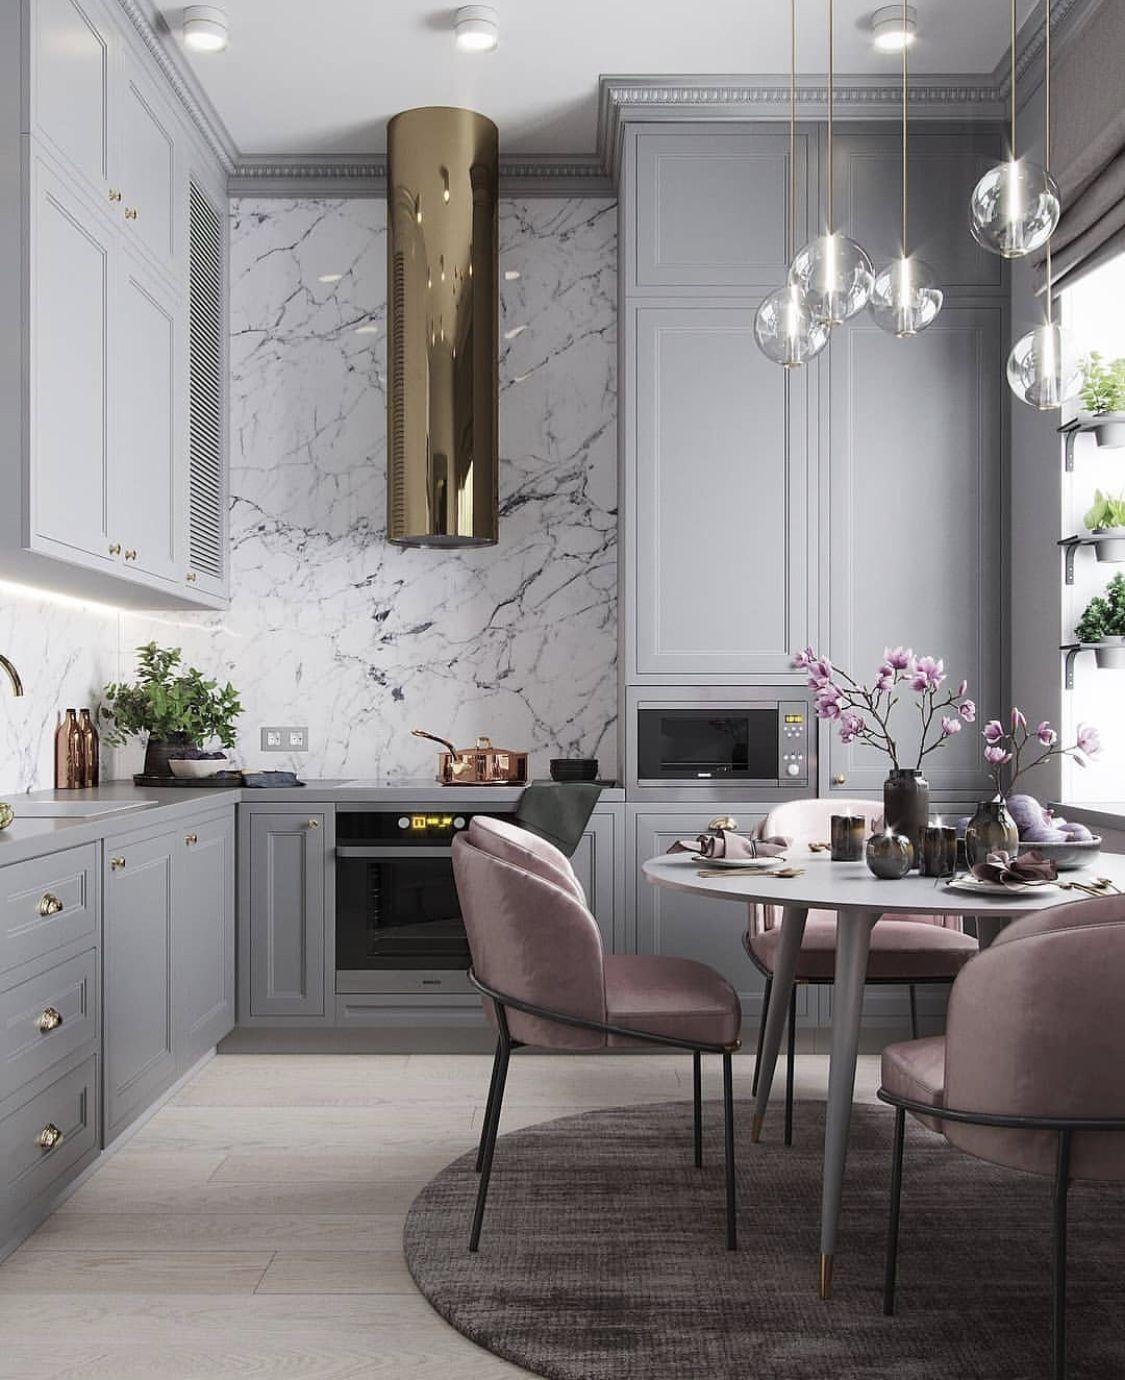 Pin von Julija Miloloza auf Rooms | Pinterest | Küche, Wohnen und ...